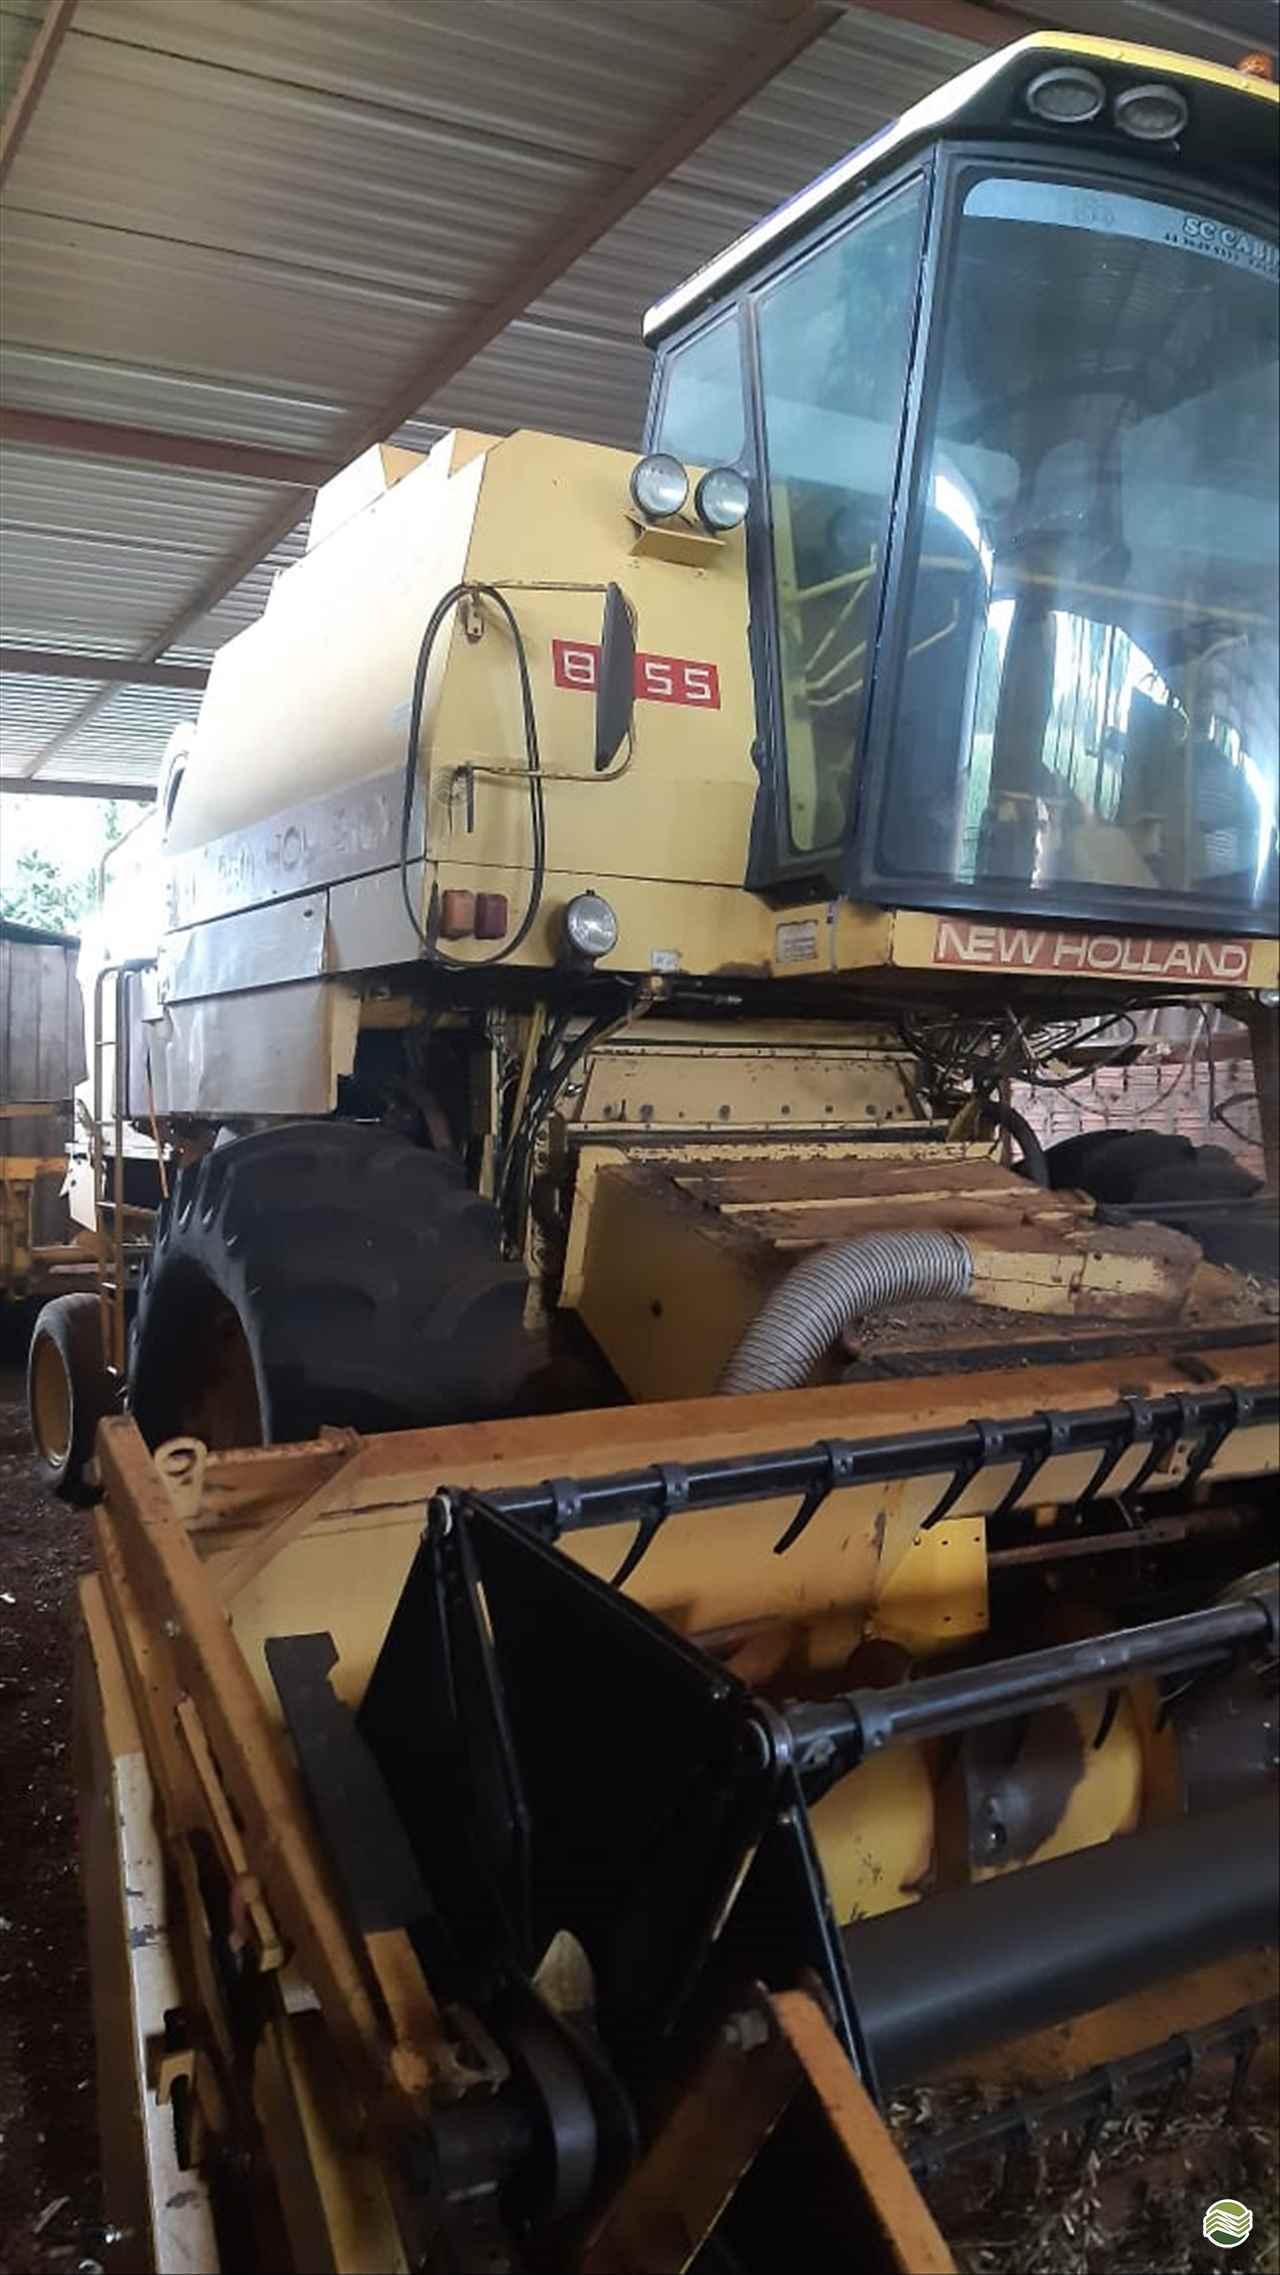 COLHEITADEIRA NEW HOLLAND NH 8055 Ademar Heep Máquinas MARACAJU MATO GROSSO DO SUL MS